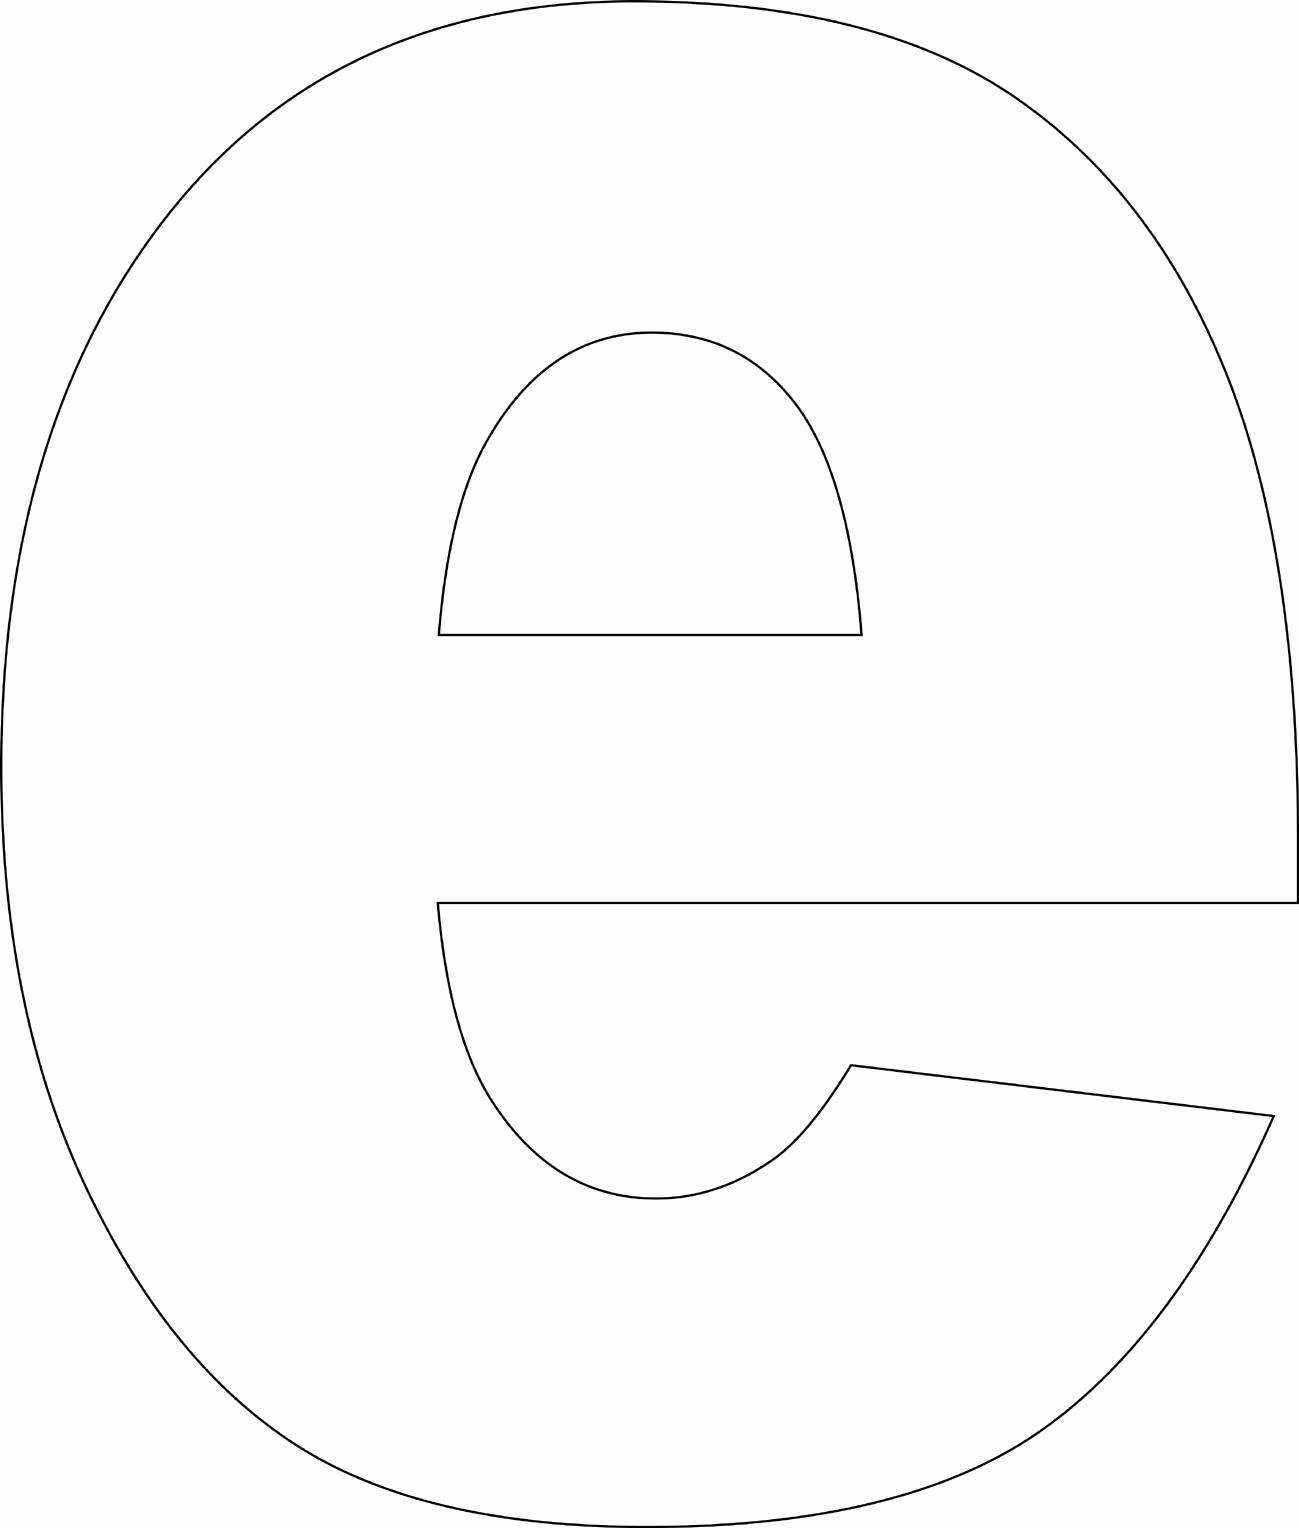 Free Printable Alphabet Templates Elegant Free Printable Lower Case Alphabet Template